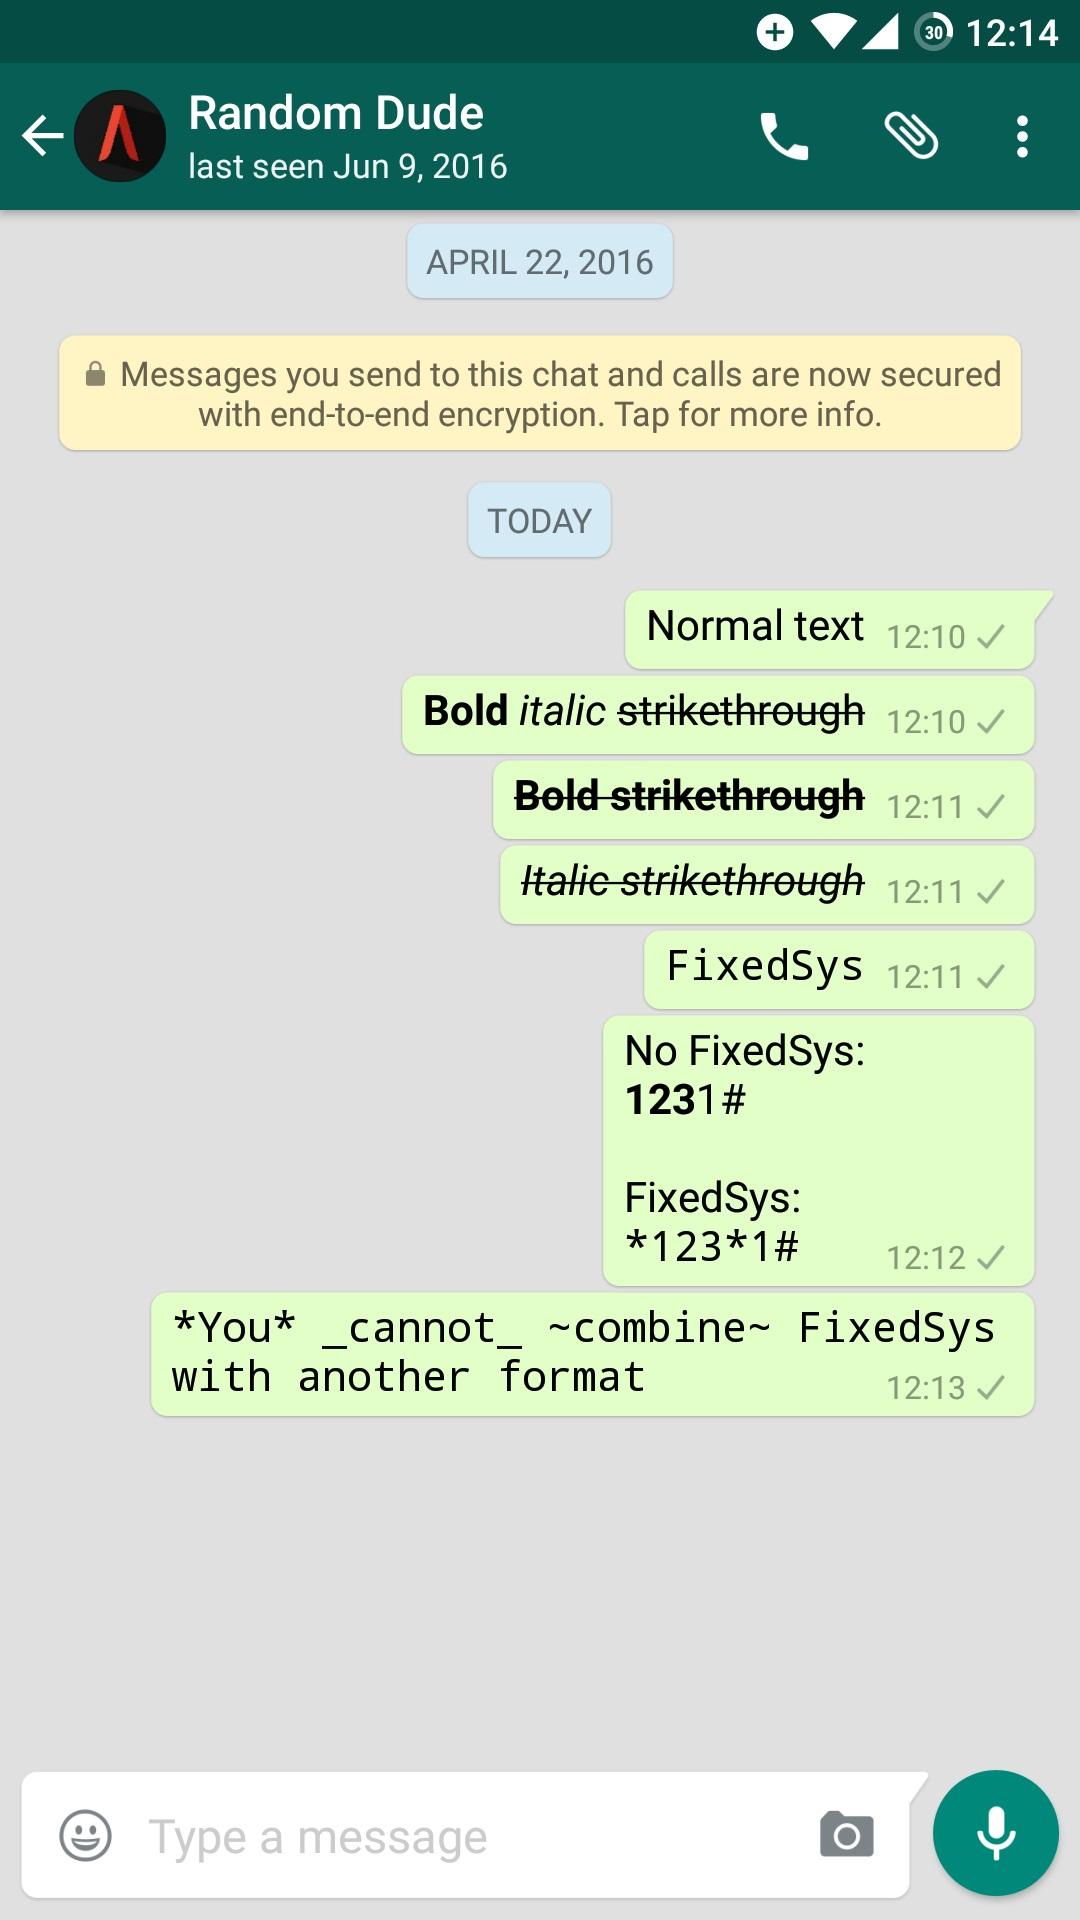 WhatsApp_FixedSys_Fonts_Options